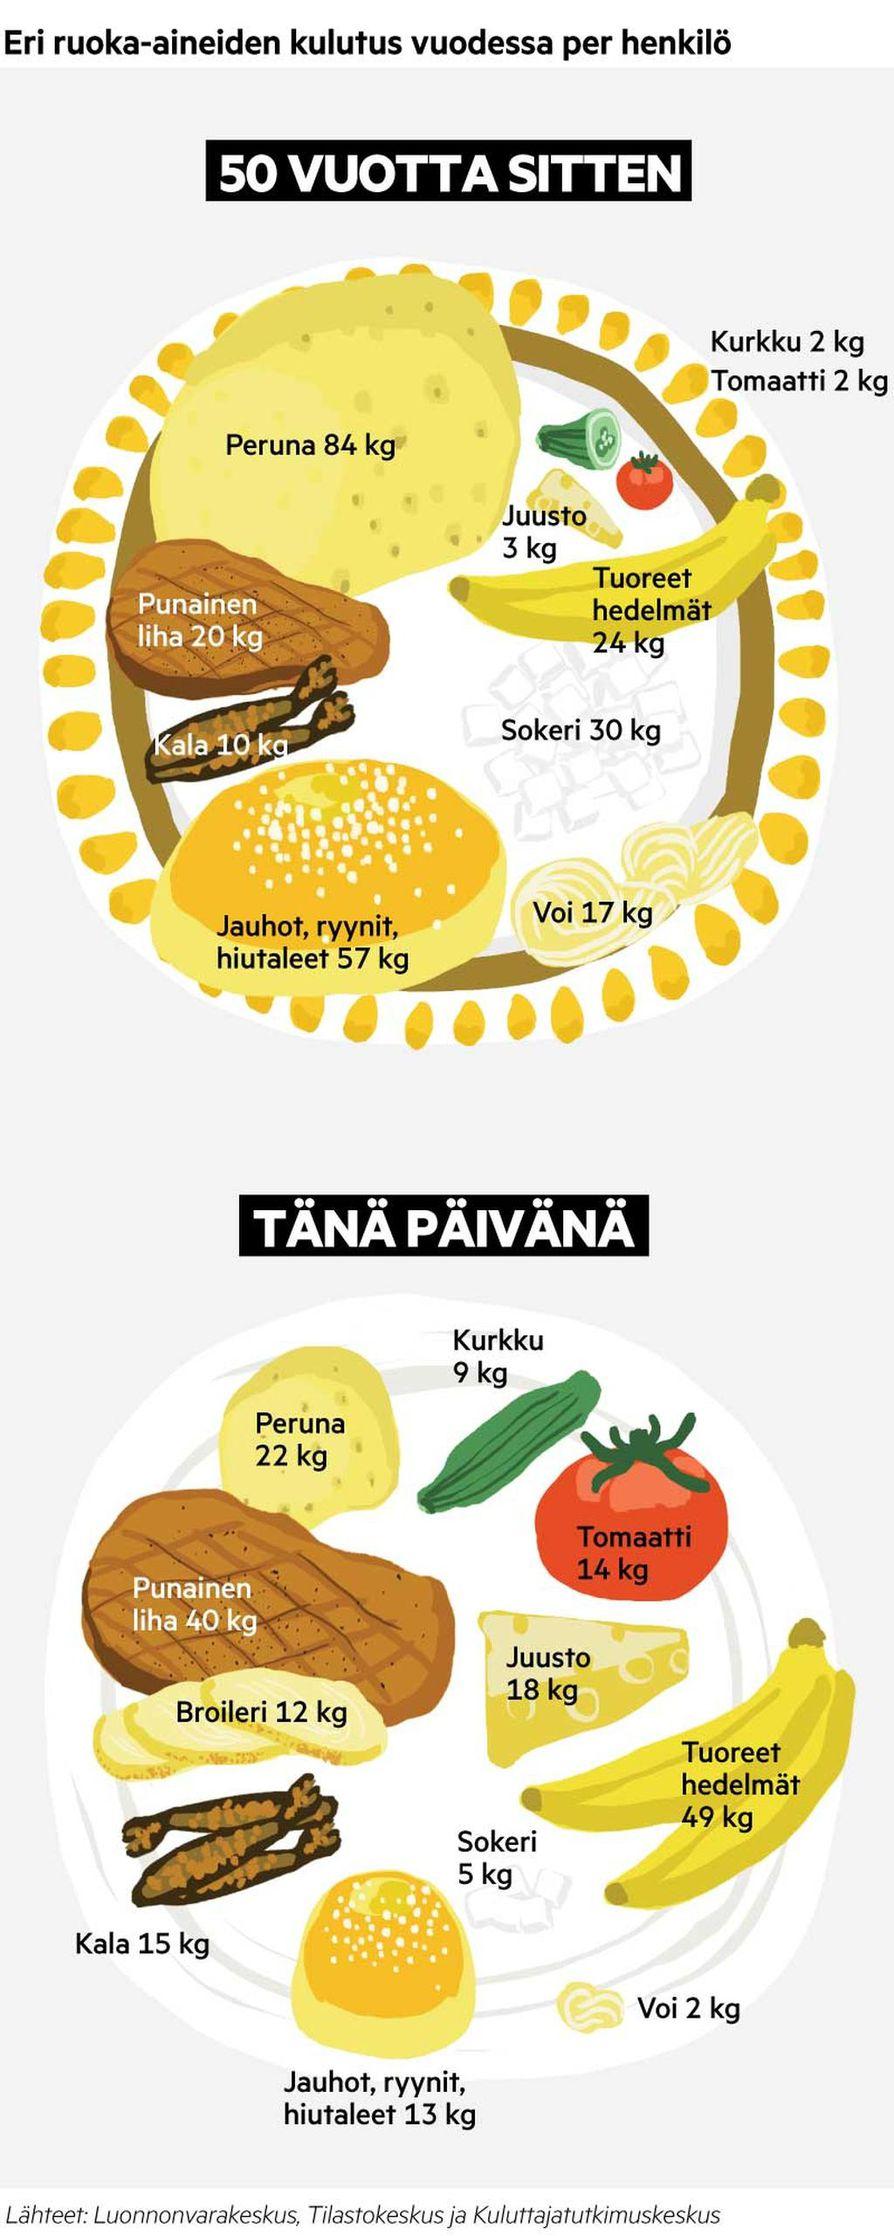 Eri ruoka-aineiden kulutus vuodessa henkilöä kohden 1960-luvuilla ja nyt.